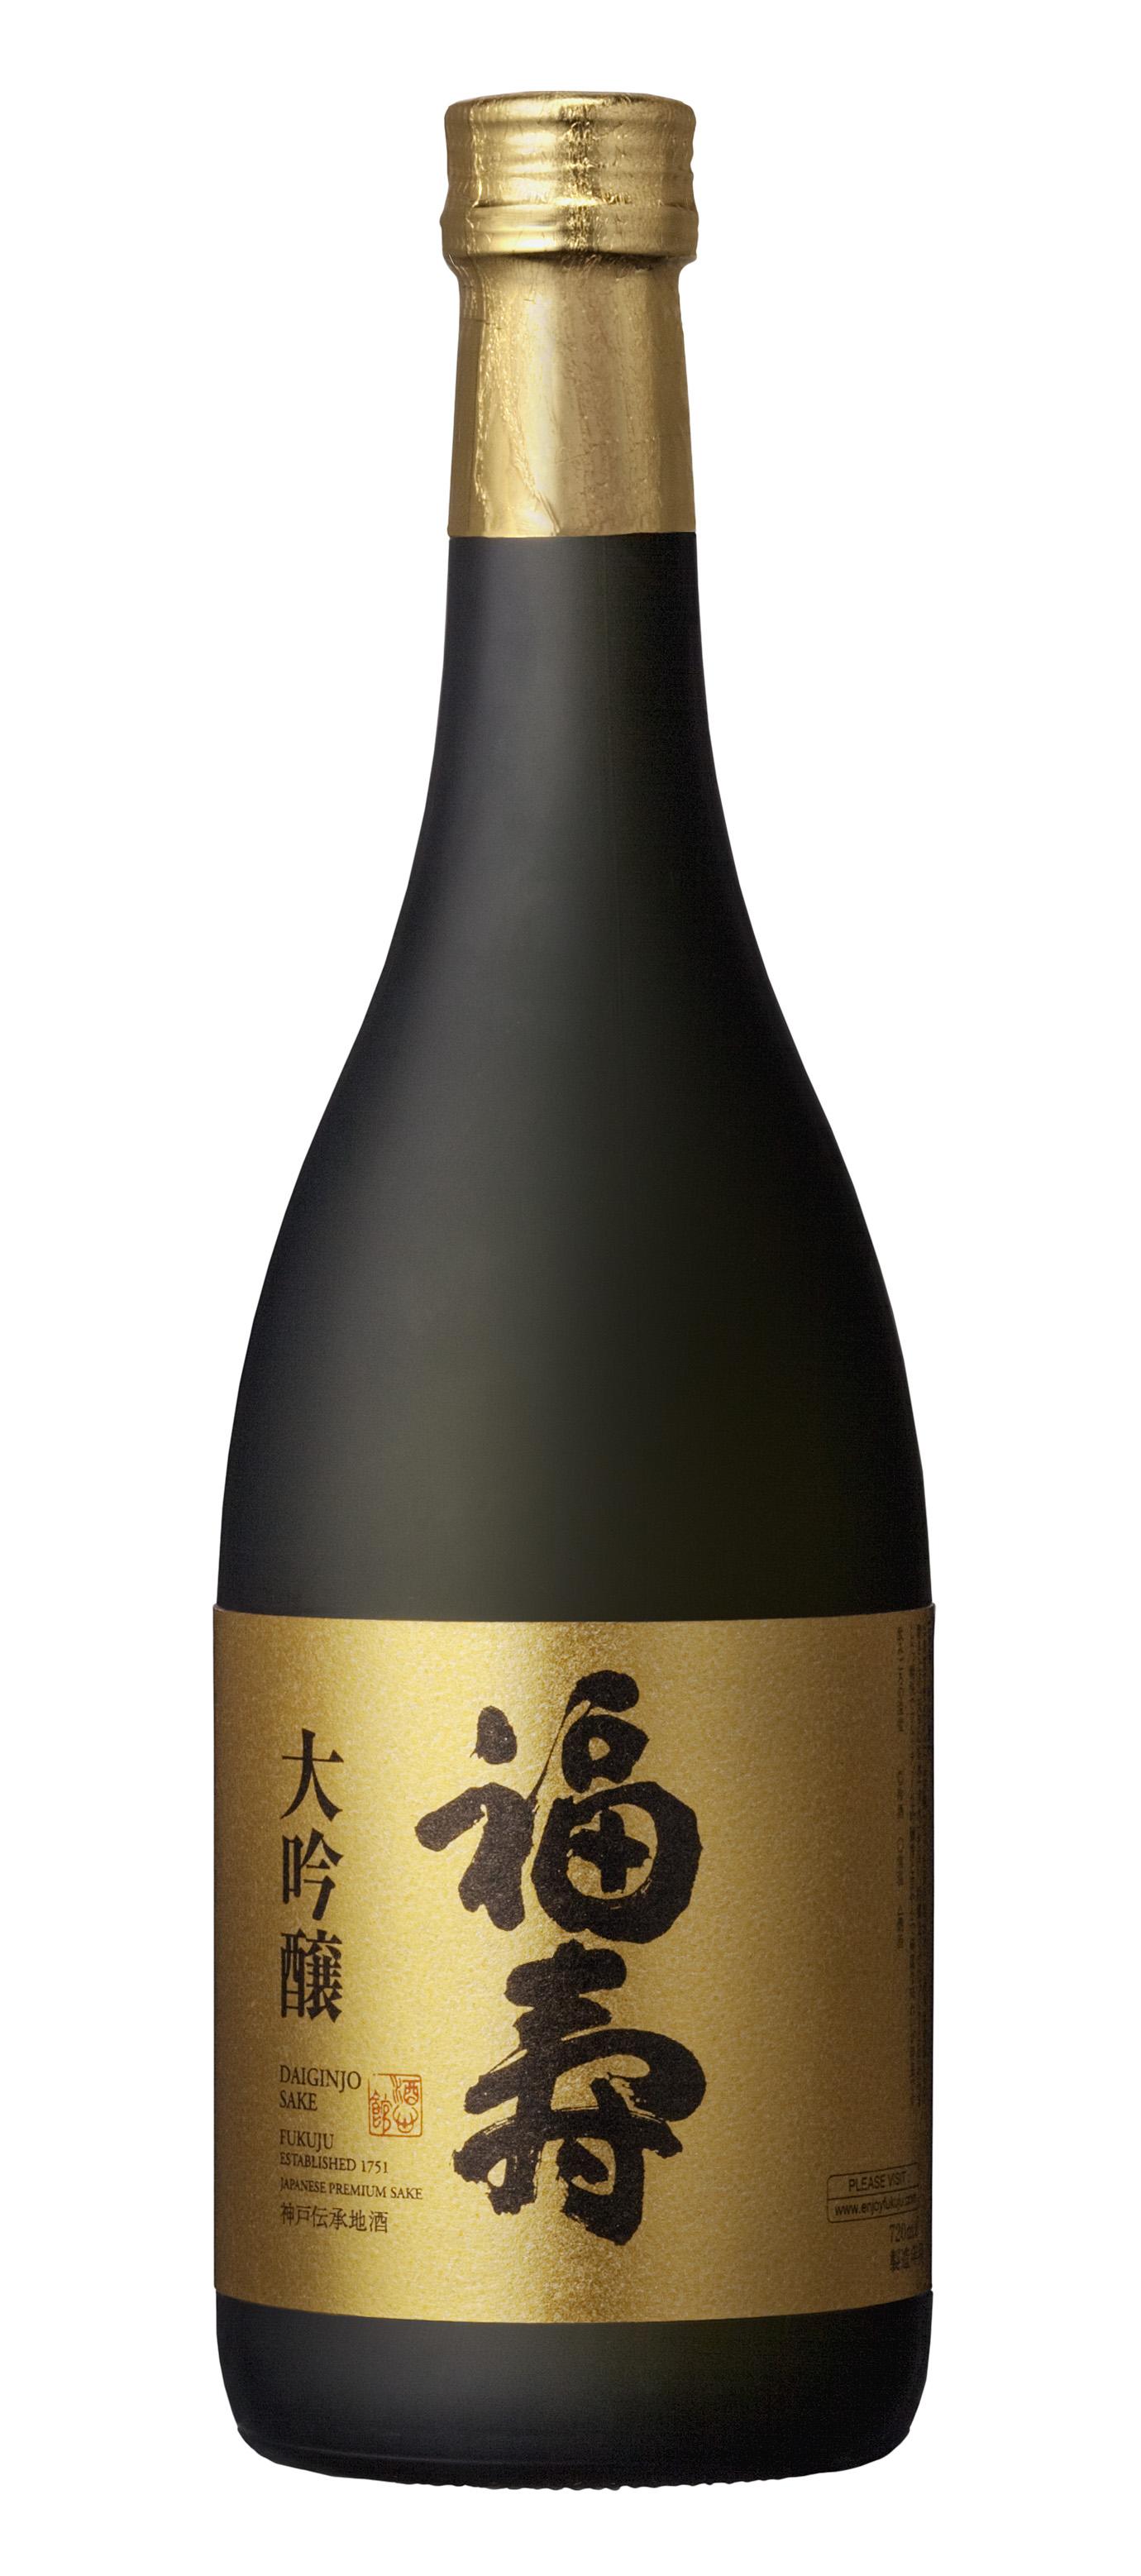 「福寿 大吟醸」がISC大吟醸・吟醸部門で最高金賞を受賞